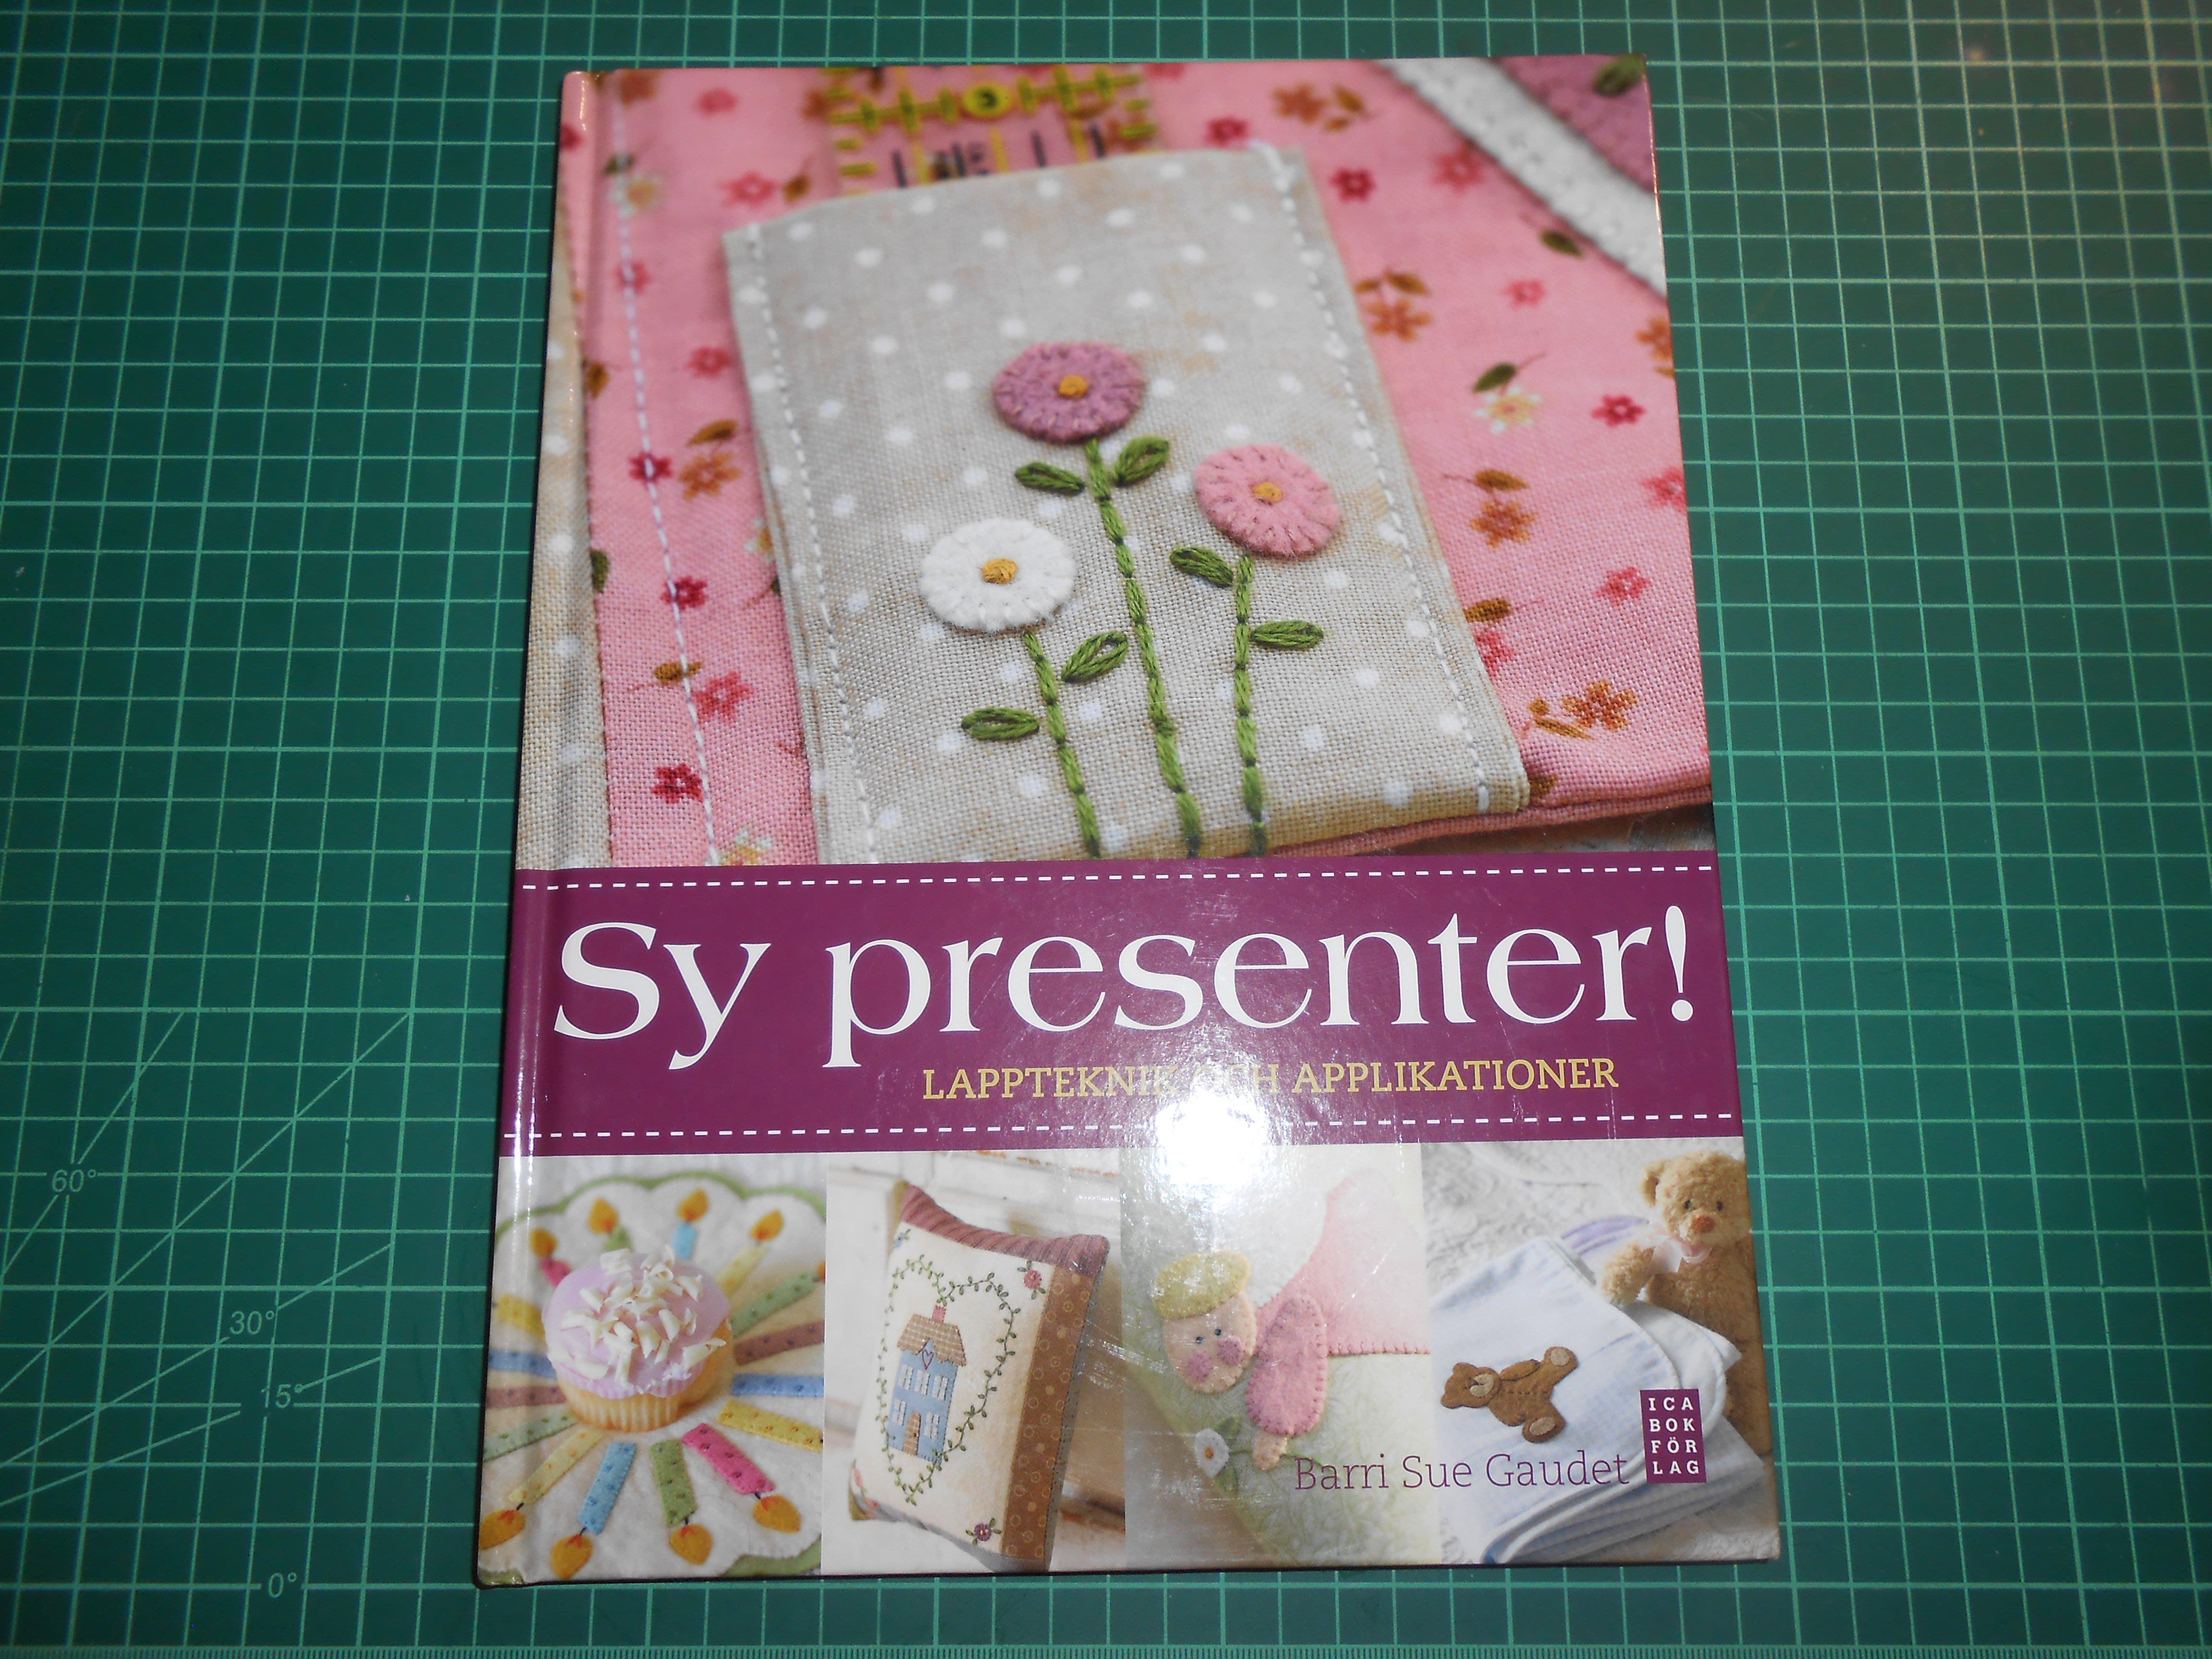 《她禮物!補丁技術和應用~~Sy Presenter!  》 巴里·蘇·高迪  幾乎全新 【CS超聖文化2讚】